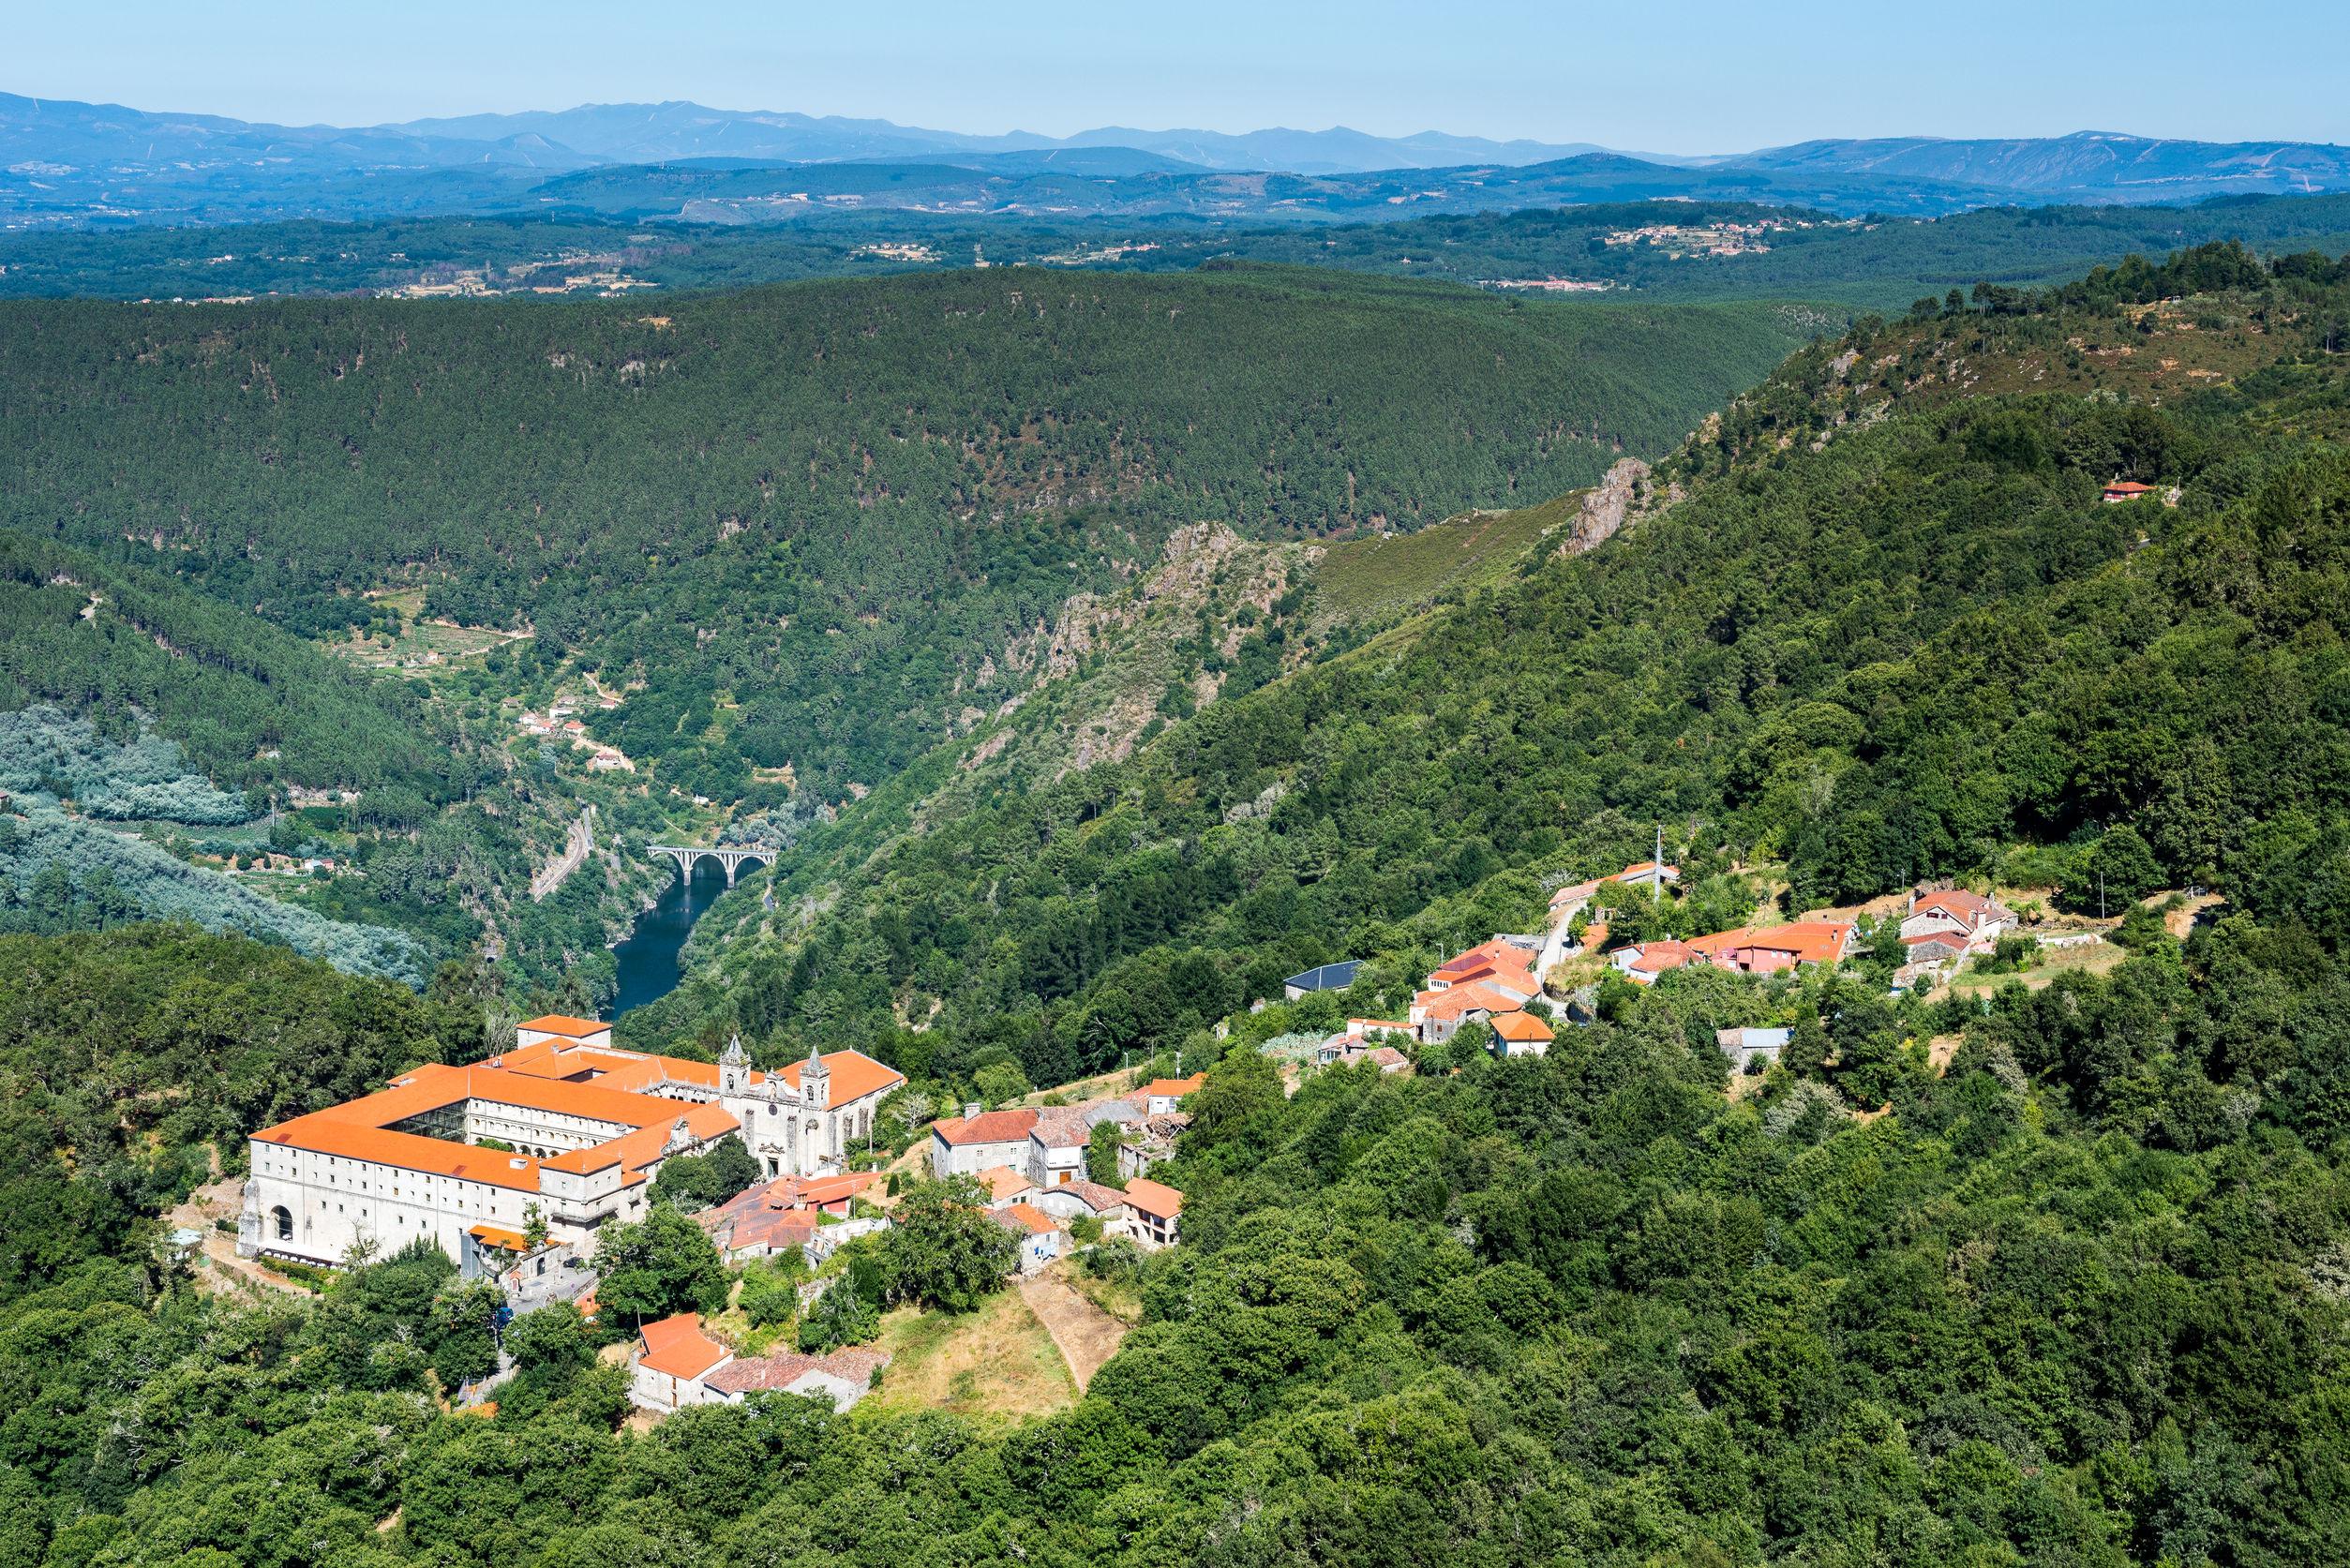 北スペインの観光スポットであるガリシアのリベイラサクラ